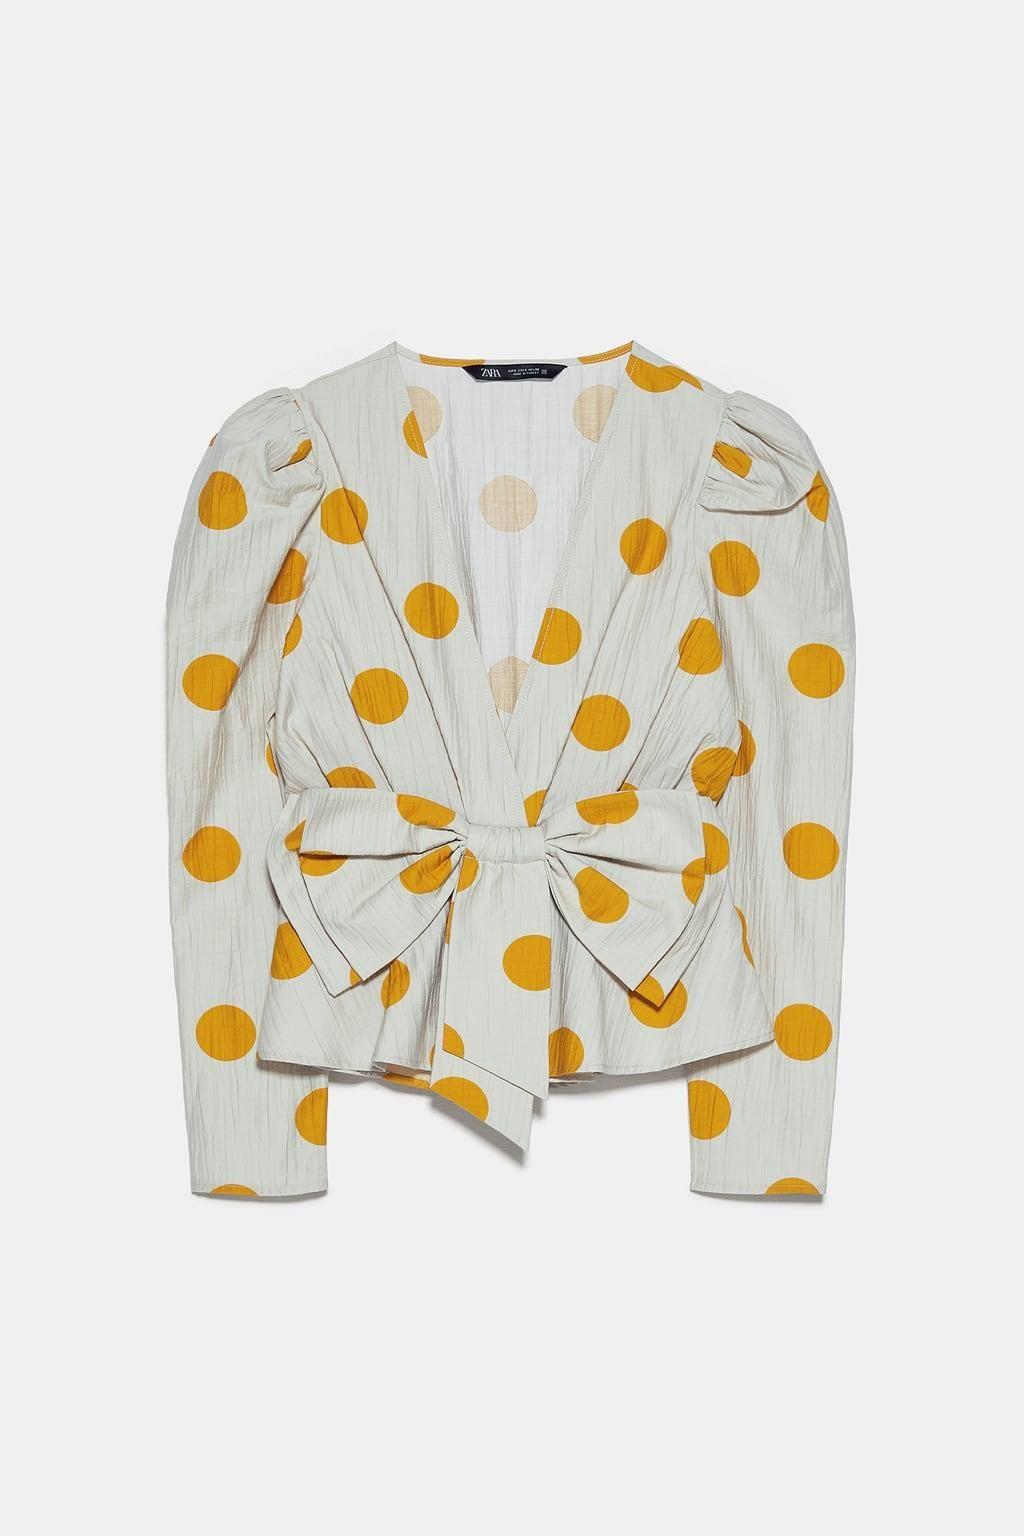 Zara Tiene La Blusa Que Puedes Llevar Con Vaqueros O En Tu Próxima Boda Posiblemente En Septiembre Blusas Zara Camisetas De Pajaritas Top De Lunares